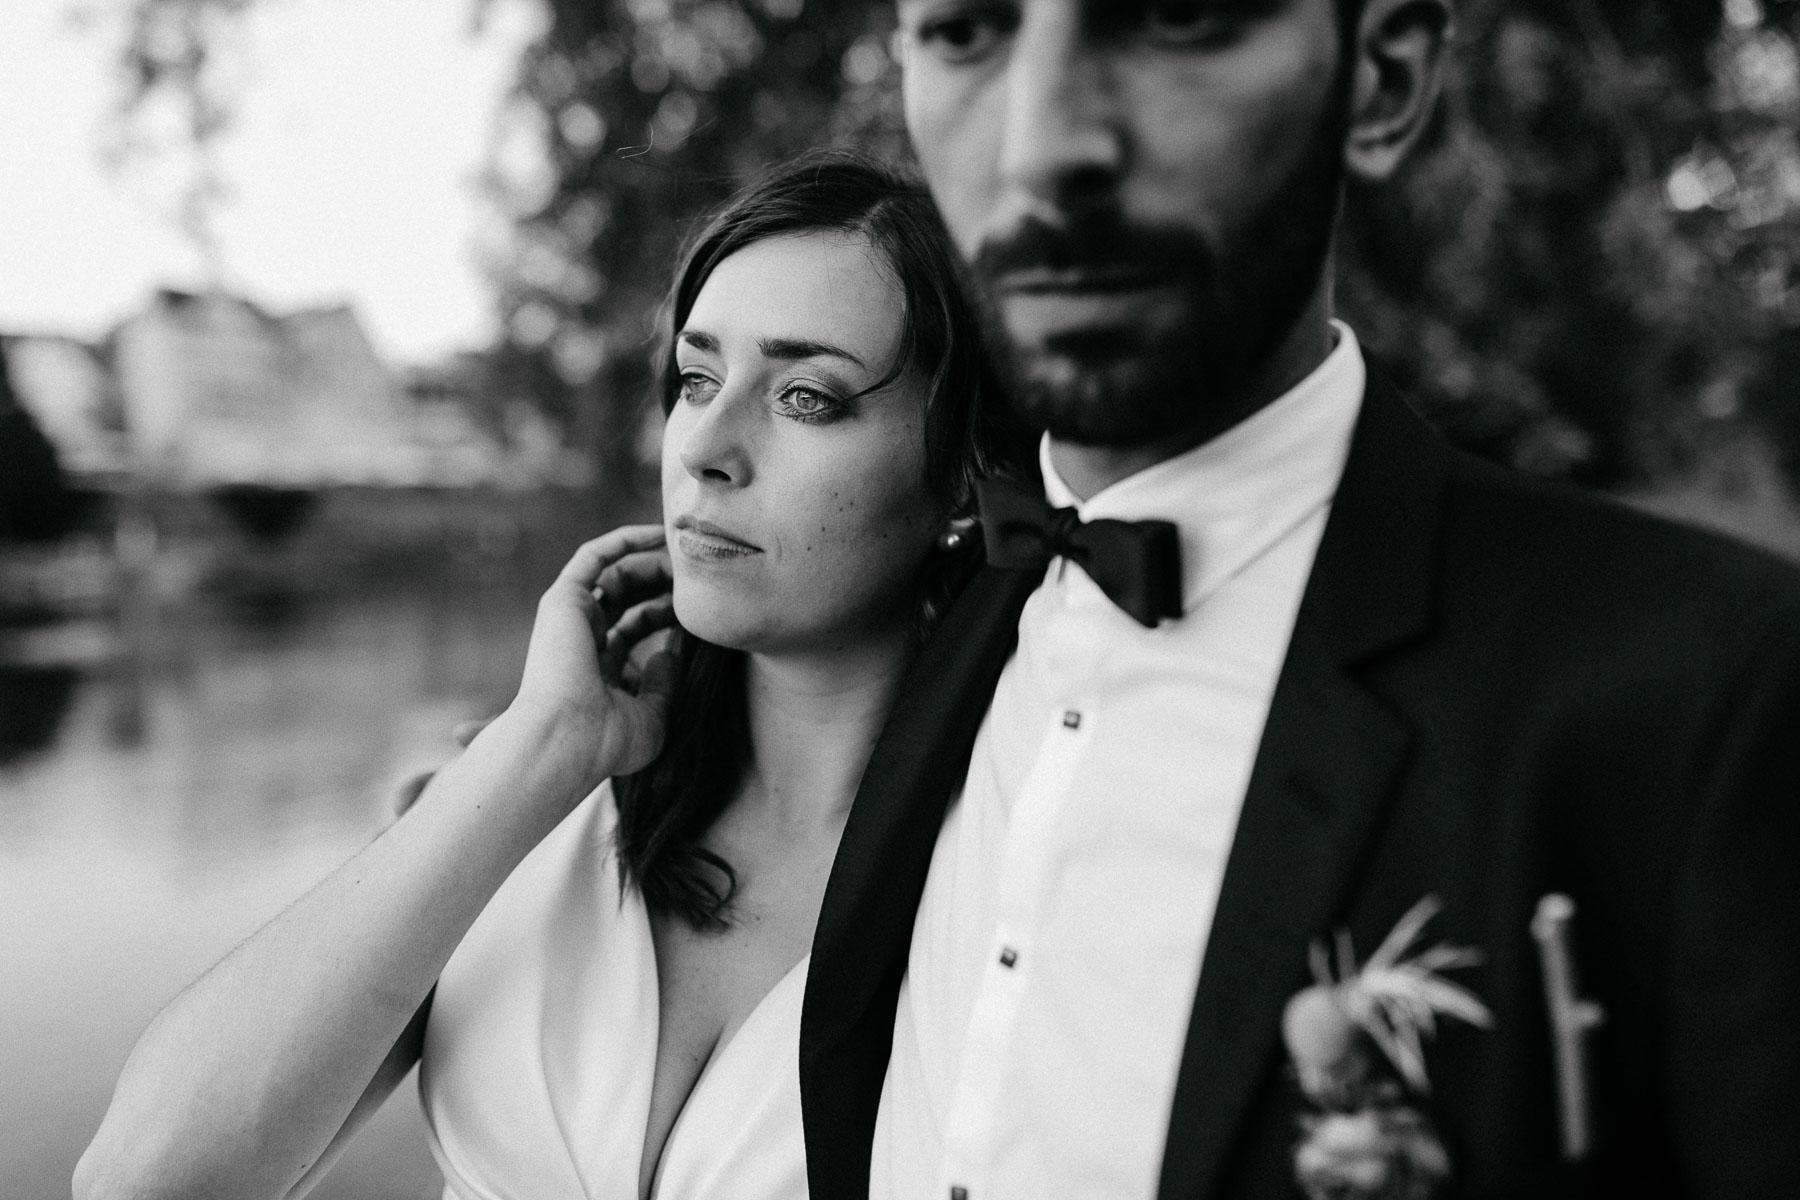 Un Ulm werde ich als Hochzeitsfotograf hoffentlich noch weitere tolle Hochzeiten und Trauung im Standesamt begleiten dürfen